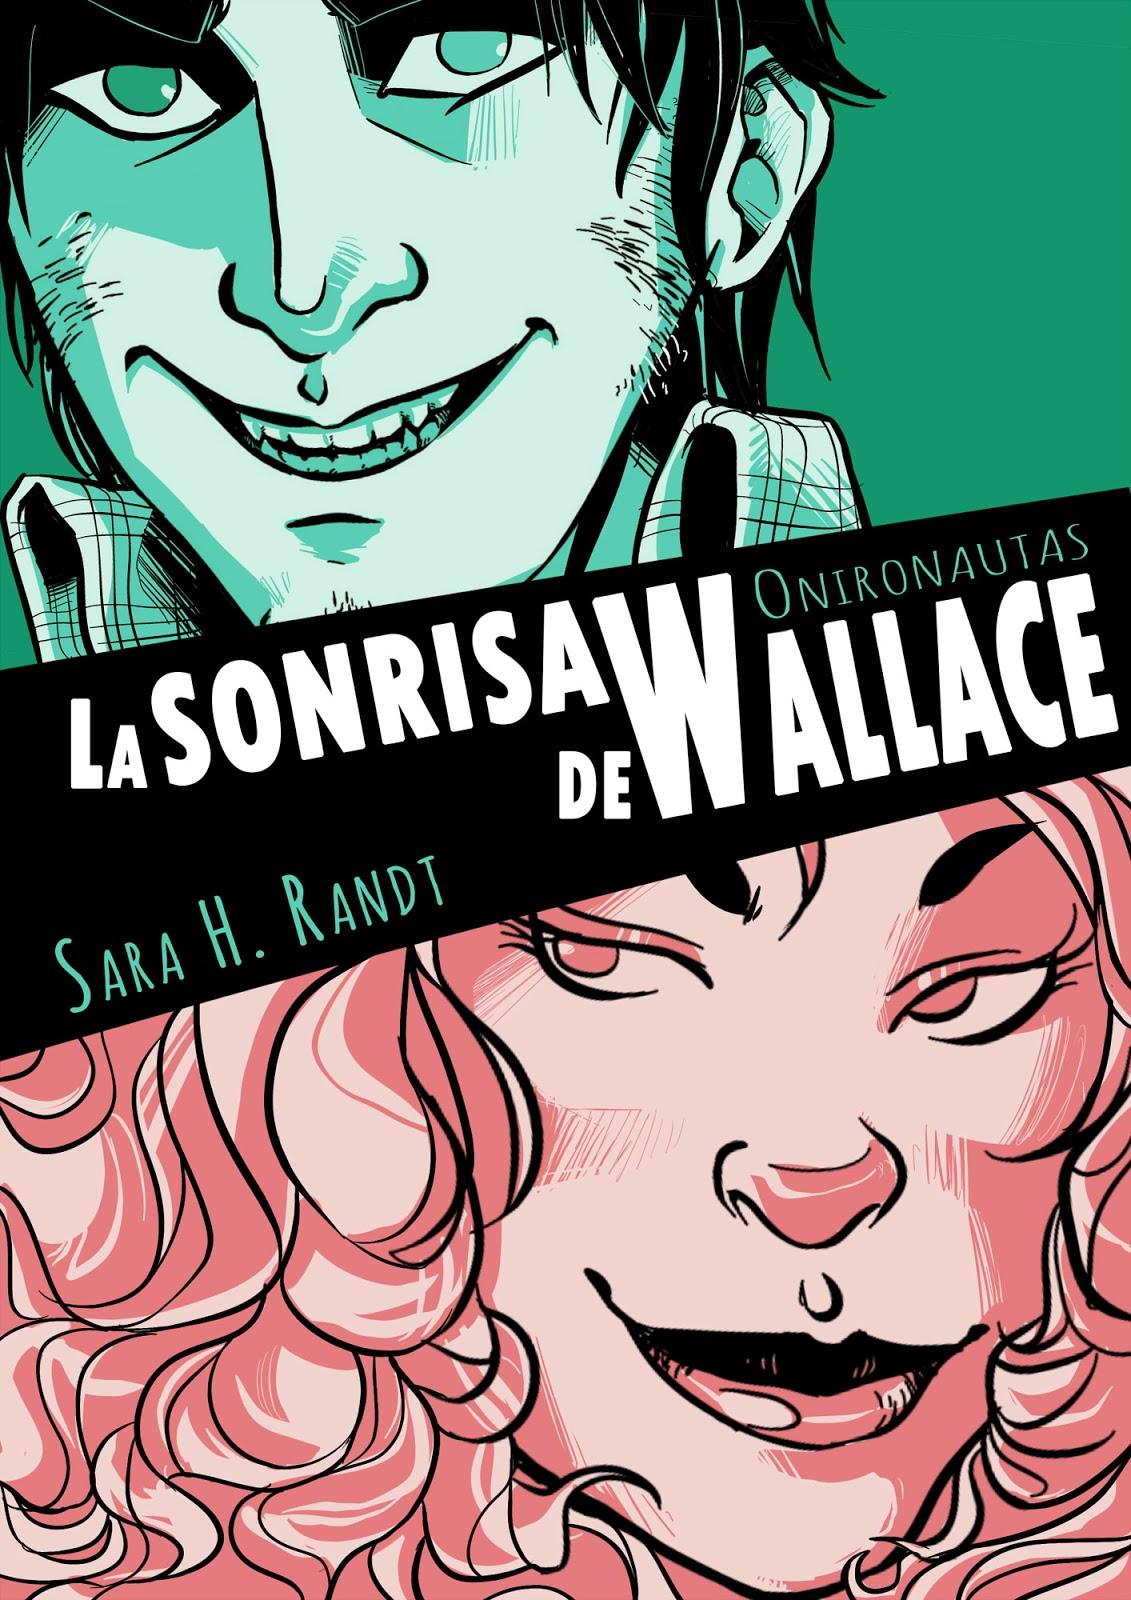 http://sararandt.blogspot.com.es/2013/11/tienda.html